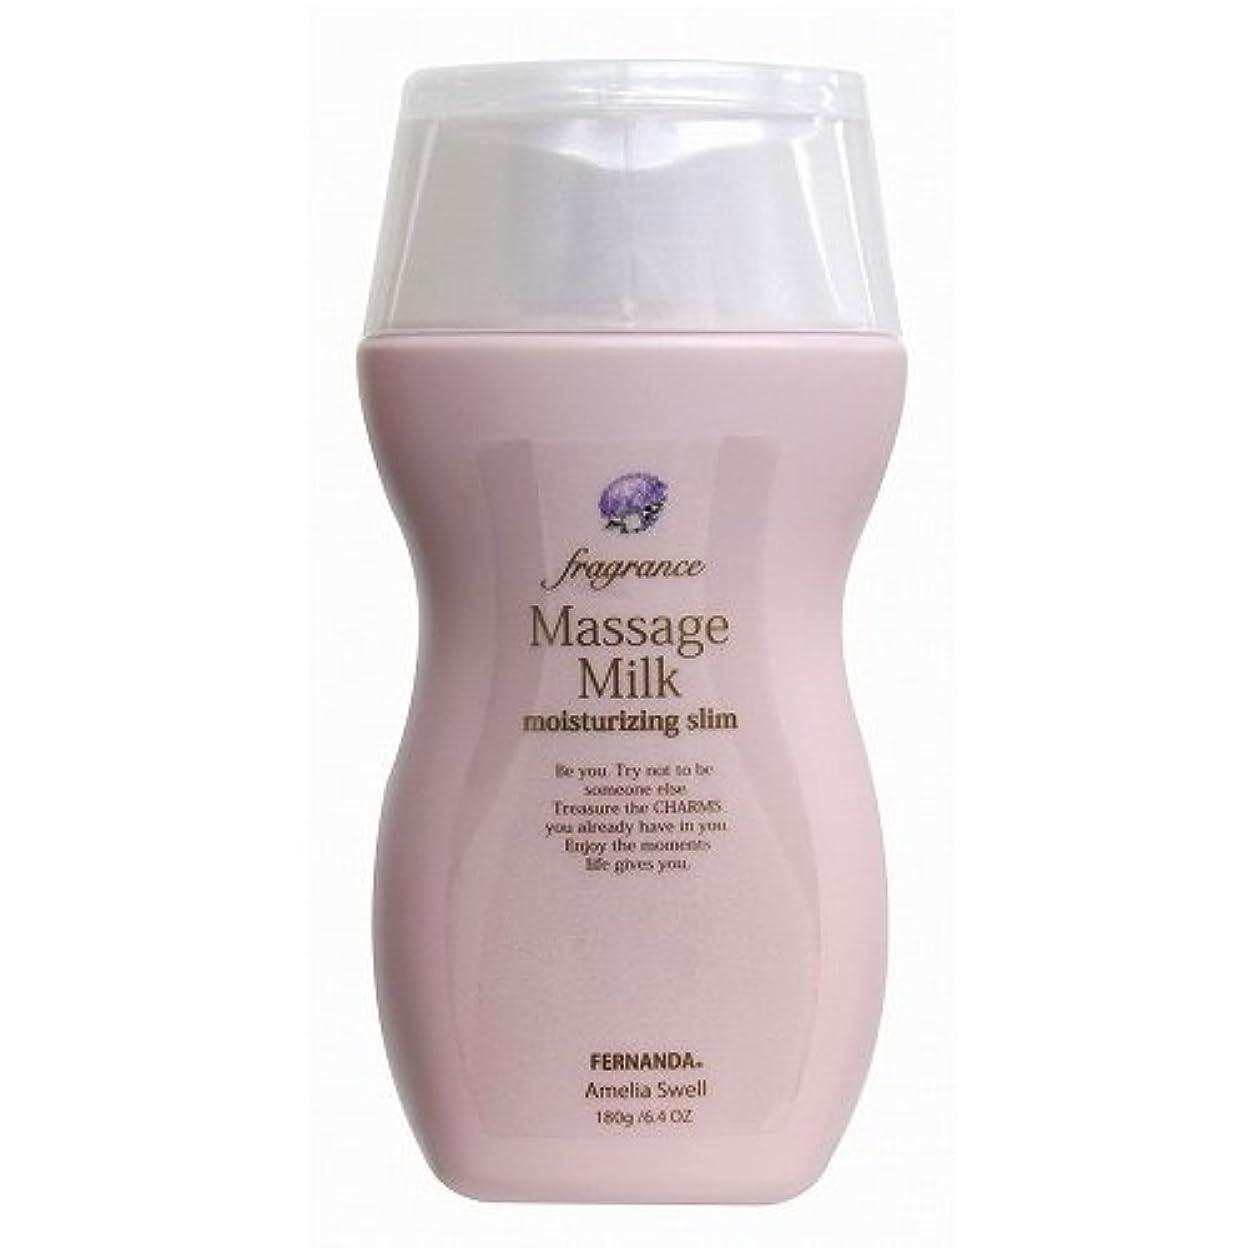 良い生きている結び目FERNANDA(フェルナンダ) Massage Milk Amelia Swell (マッサージミルク アメリアスウェル)